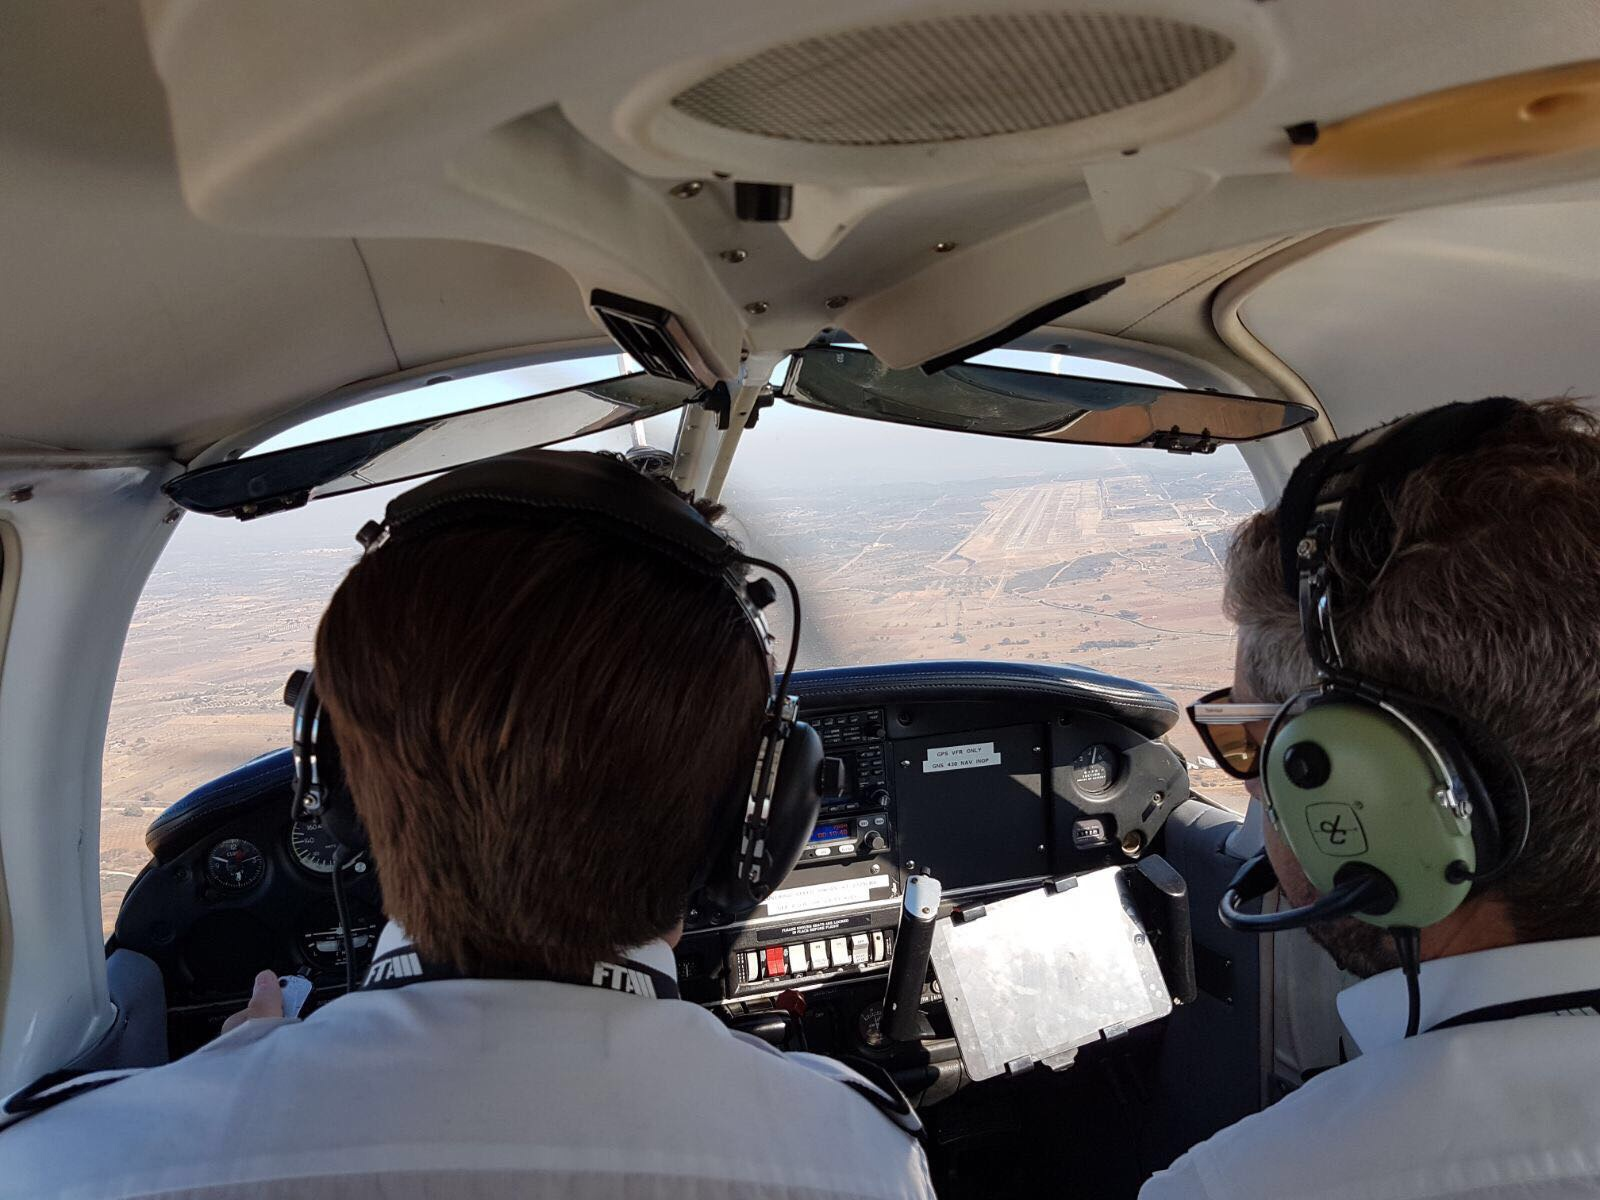 Commercial Pilot Training Spain